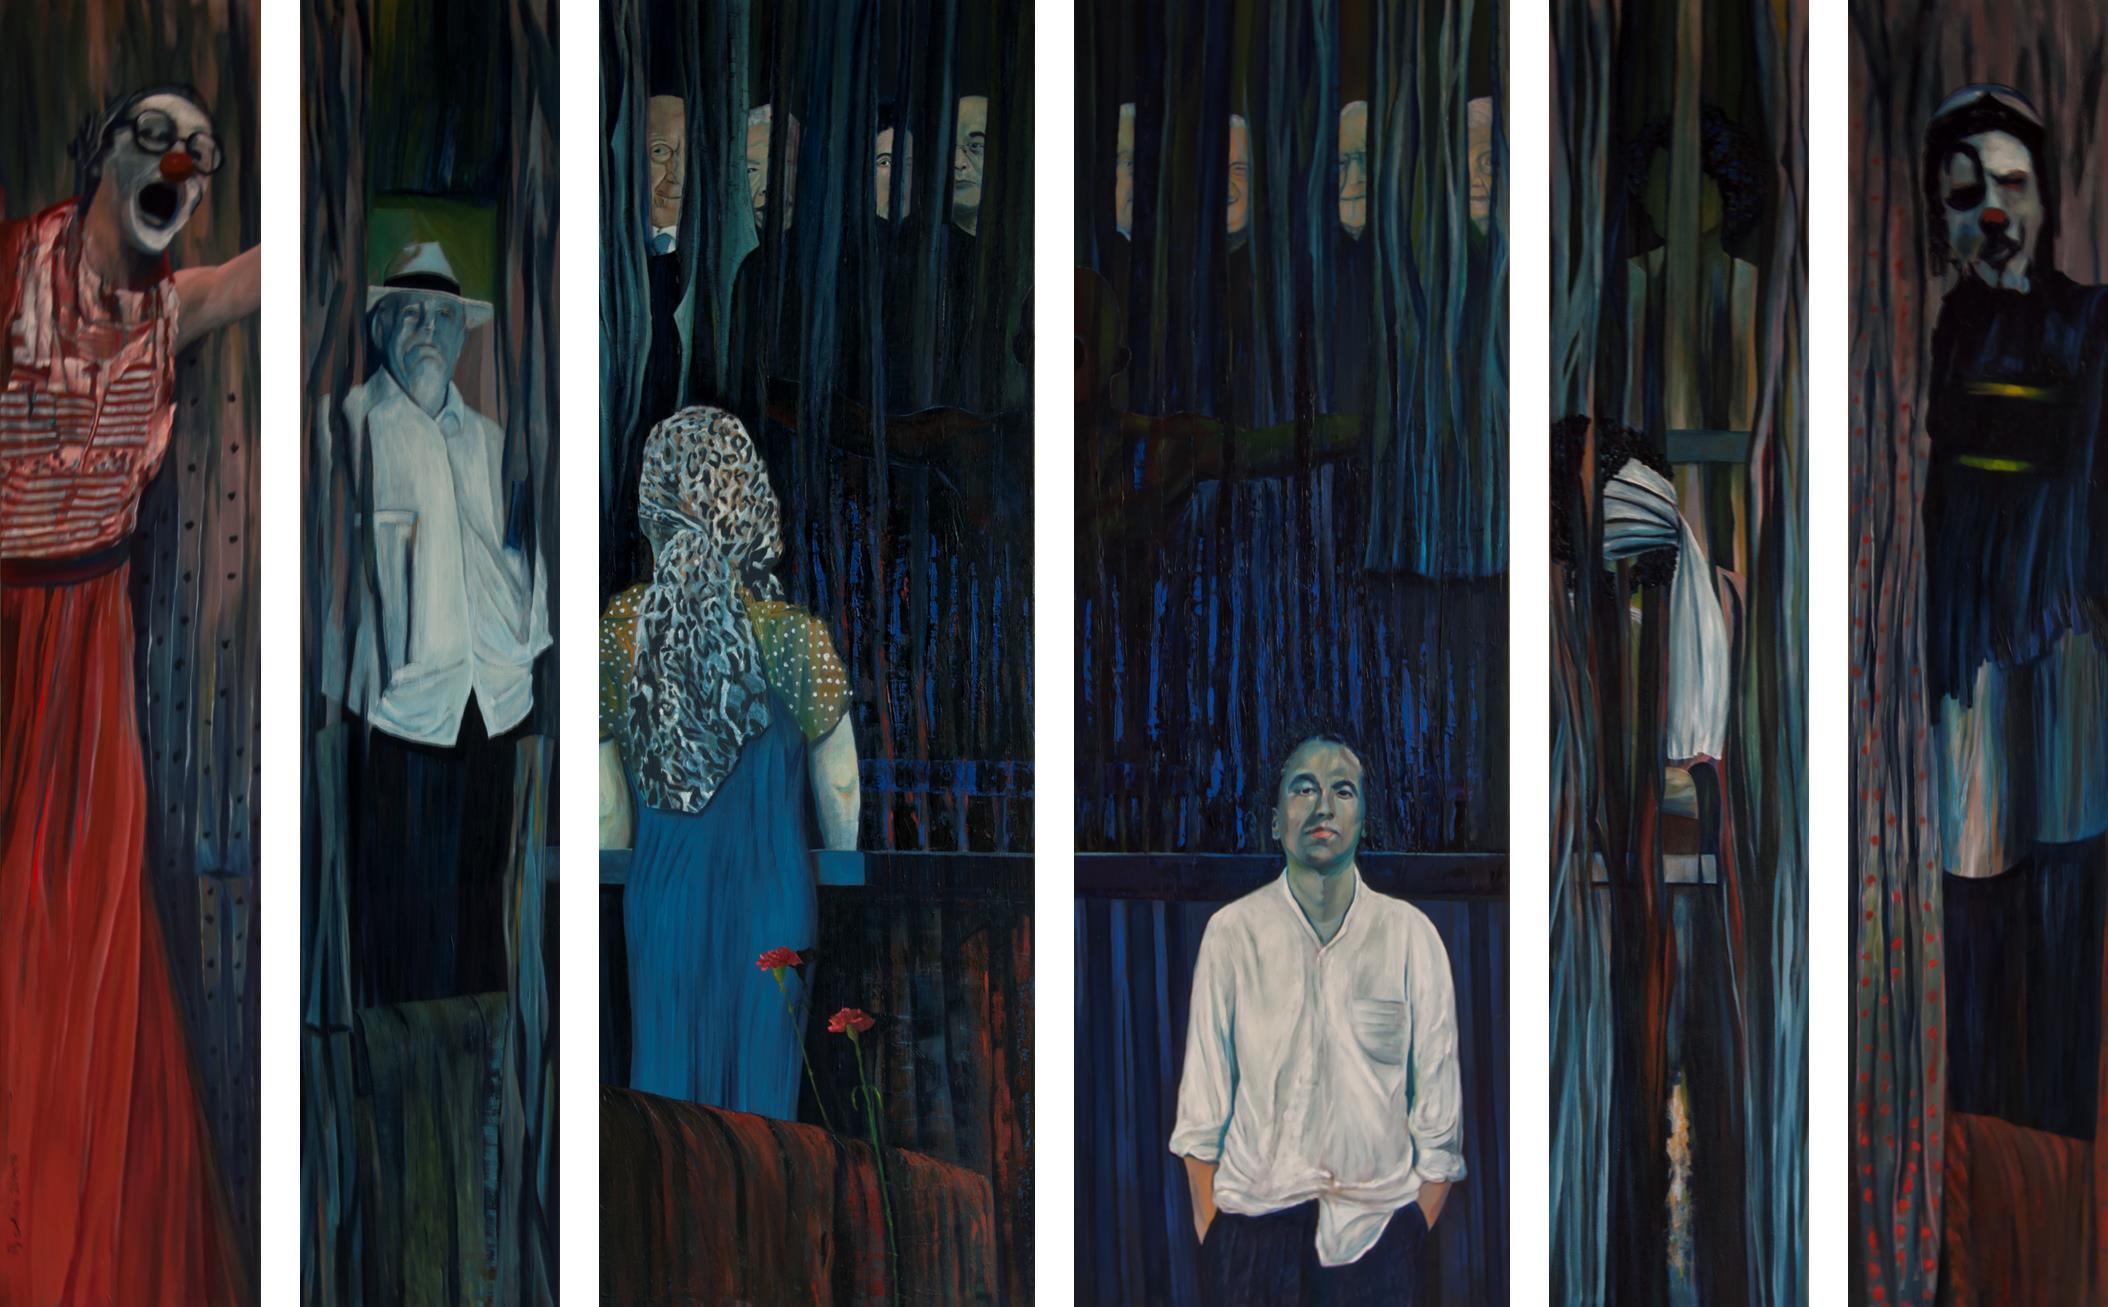 """""""Rückgrat - für Stéphane Hessel und viele andere"""", 2015/16, 200 x 324 cm, Öl auf Leinwand. Das Bild besteht aus 6 Leinwänden. Alle Tafeln sind 200 cm hoch. Von links geseheninwände mit einer Breite von 40 cm, dann in der Mitte 2 Leinwände mit der Breite von 67 cm. Rechts wieder 2 Leinwände mit der Breite von 40 cm.2 haben eine Breite von 67 cm. Die verschiedenen leinwände haben von links nach rechts folgende Bildtitel. Tafel der Empörung I, Tafel der Künste, Tafel der Verfolgten, Tafel der Aufrechten, Tafel der Namenlosen und Tafel der Empörung II."""